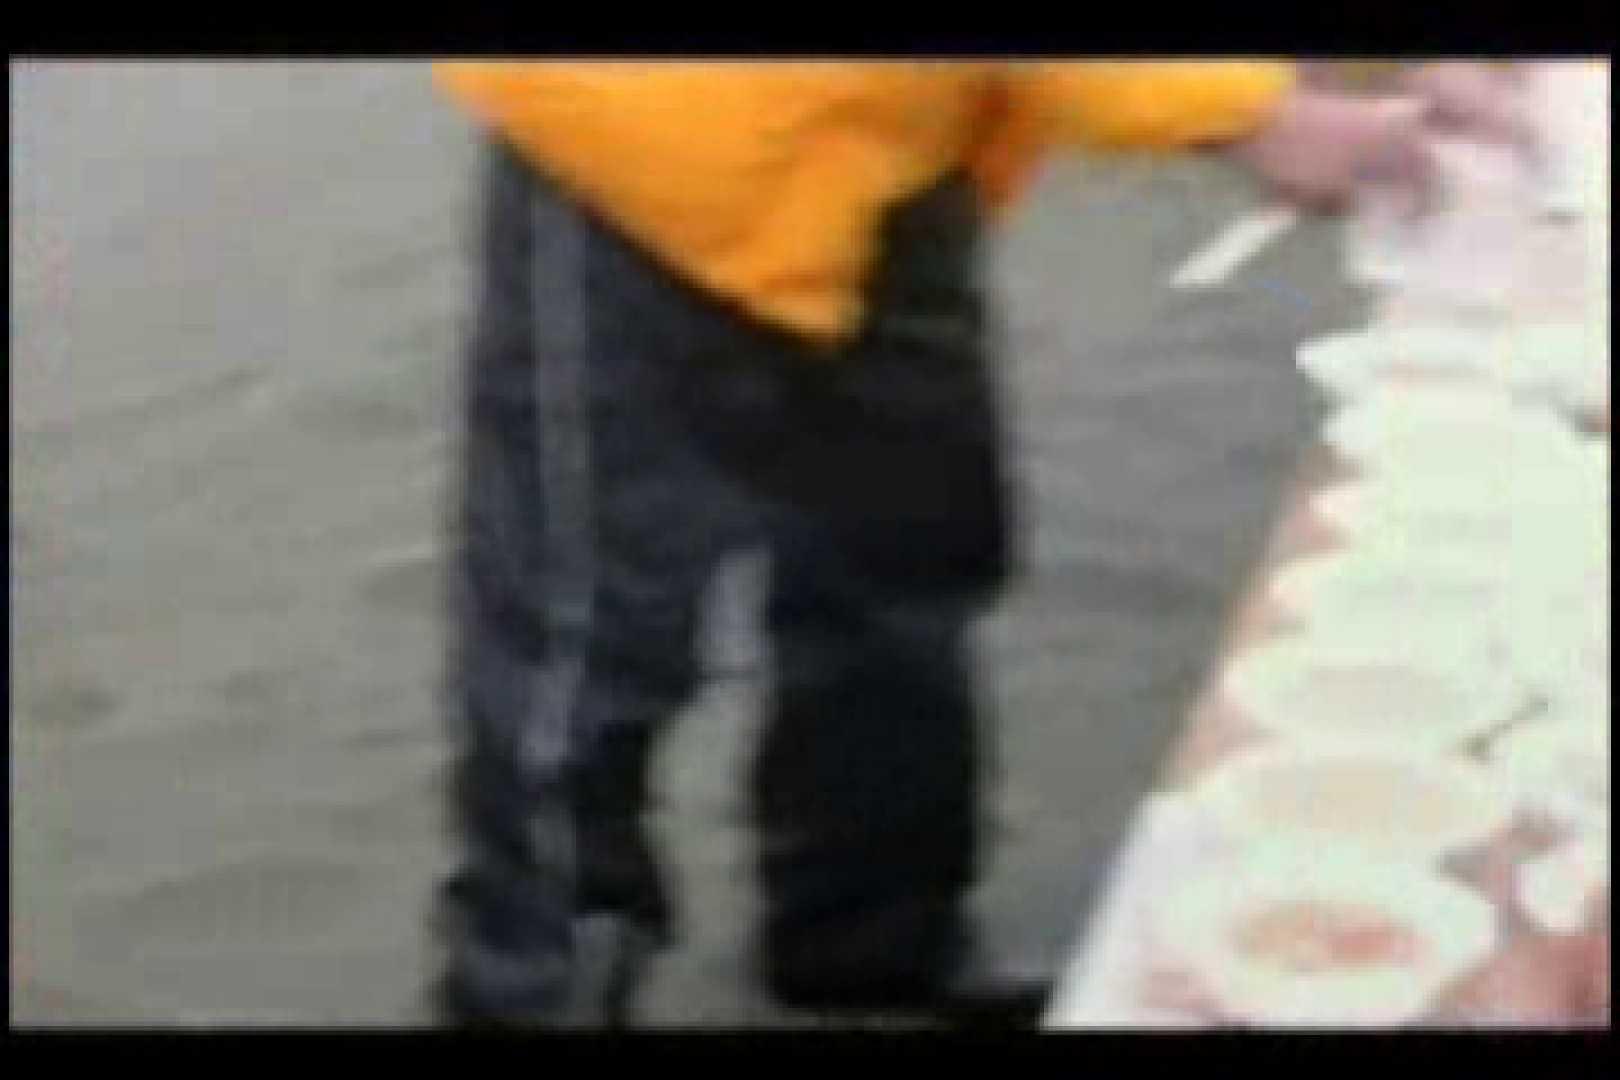 陰間茶屋 男児祭り VOL.2 野外露出動画 | 複数セフレプレイ ゲイ素人エロ画像 88pic 86